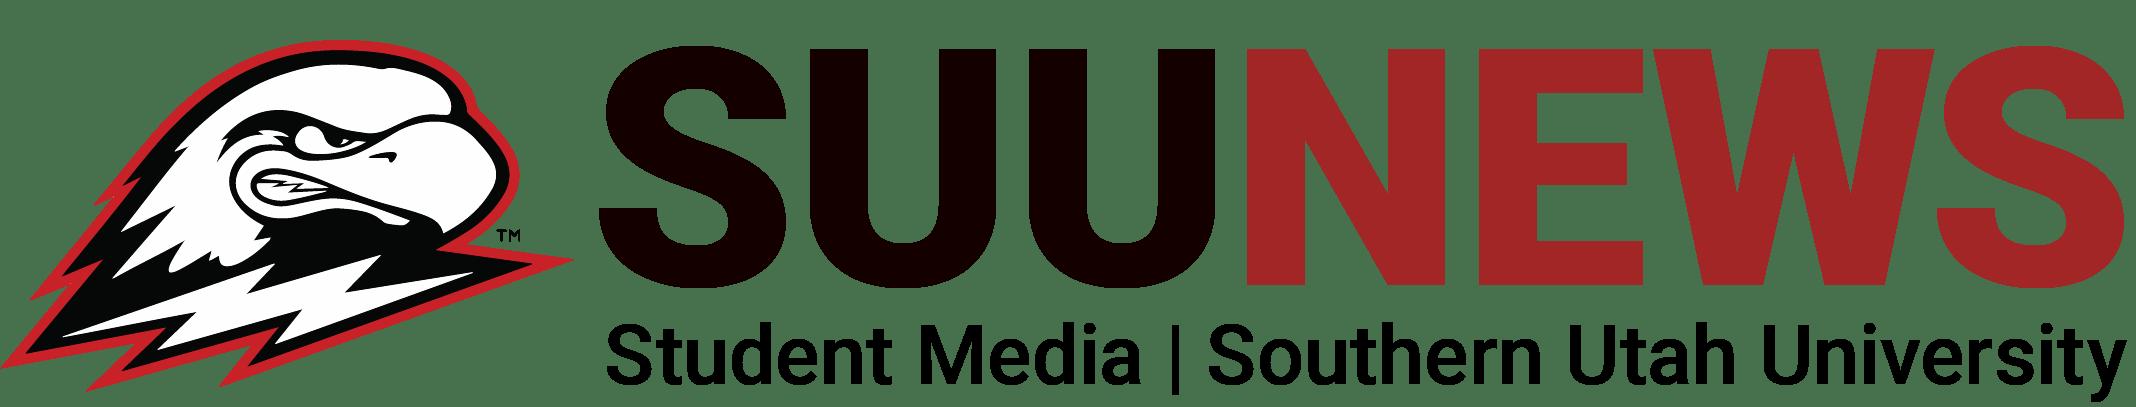 SUU News